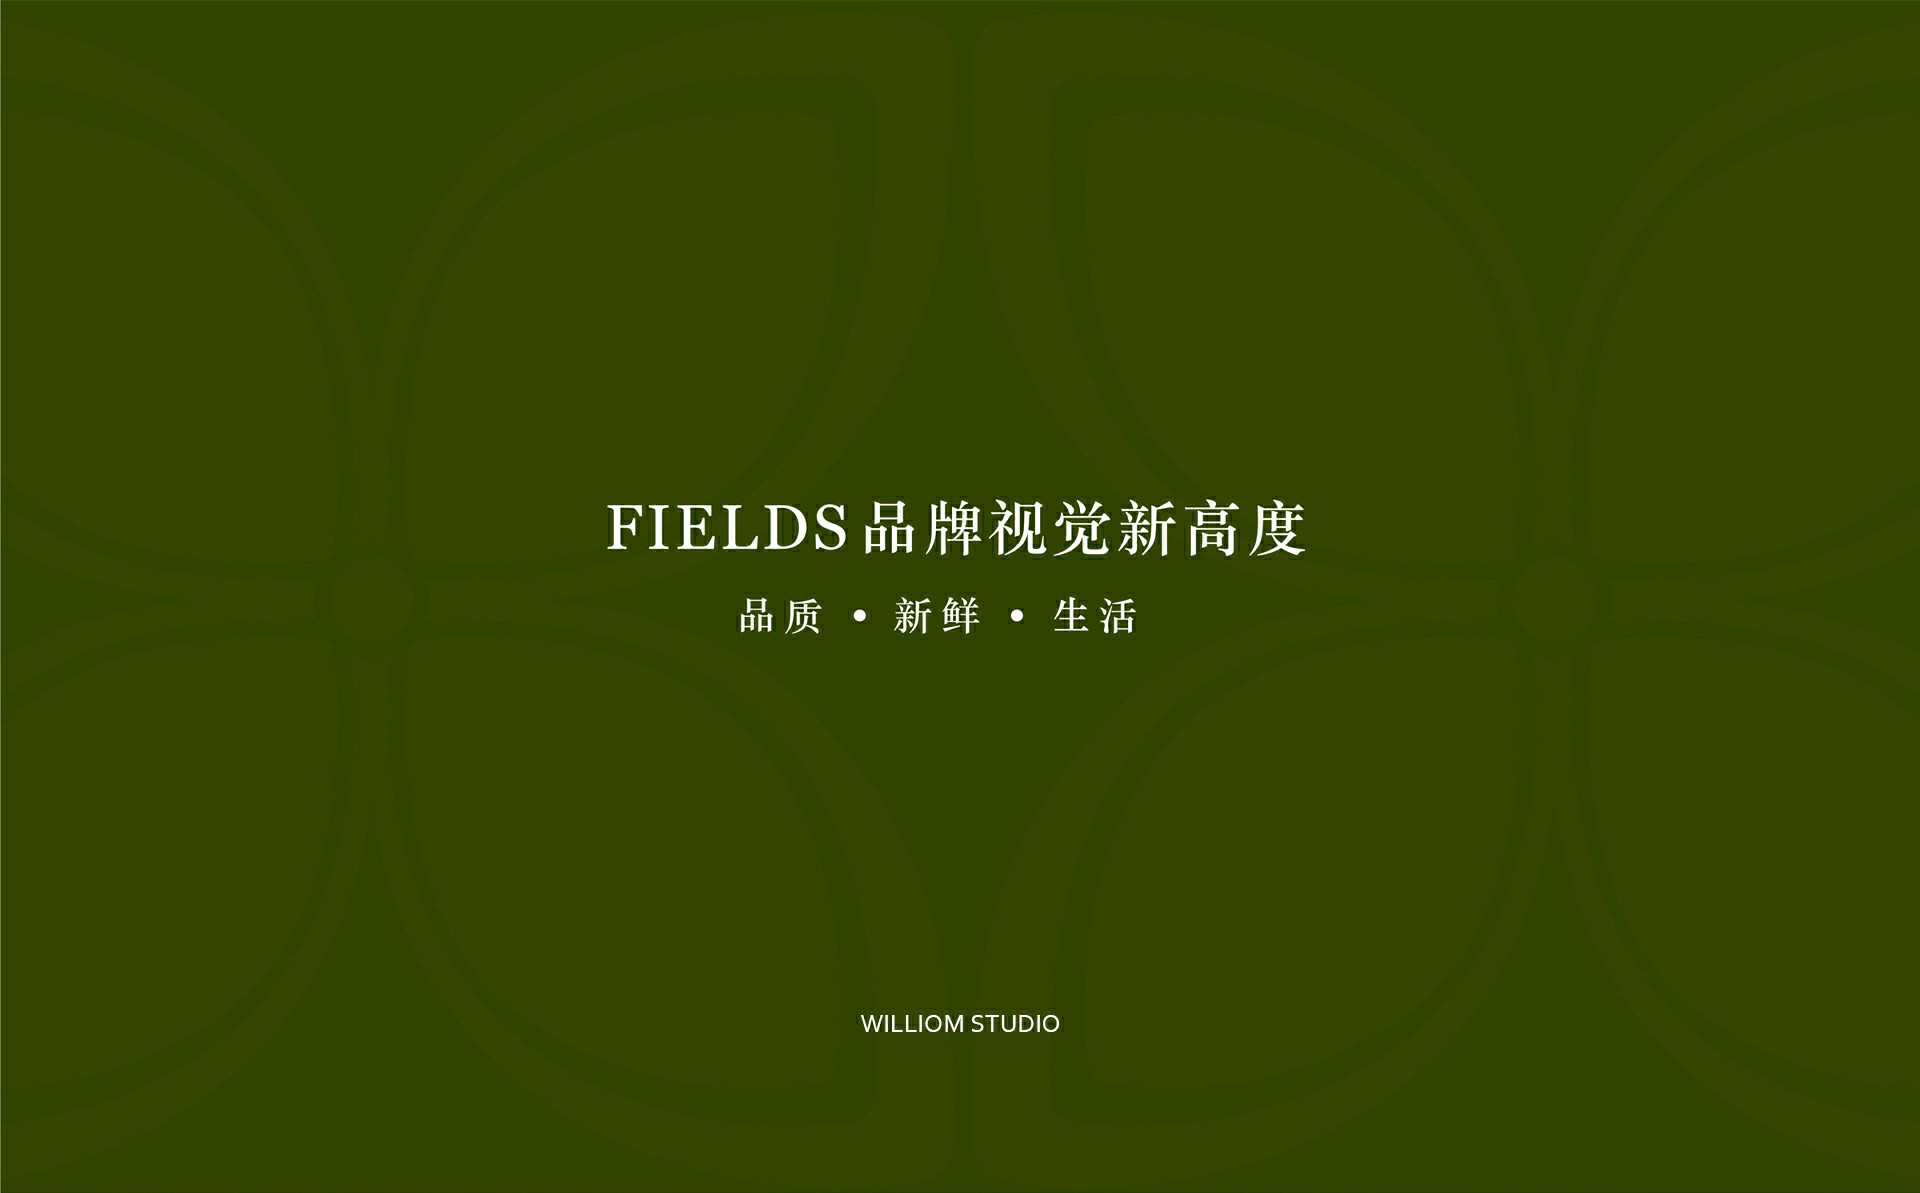 FIELDS电商—企业视觉识别系统设计